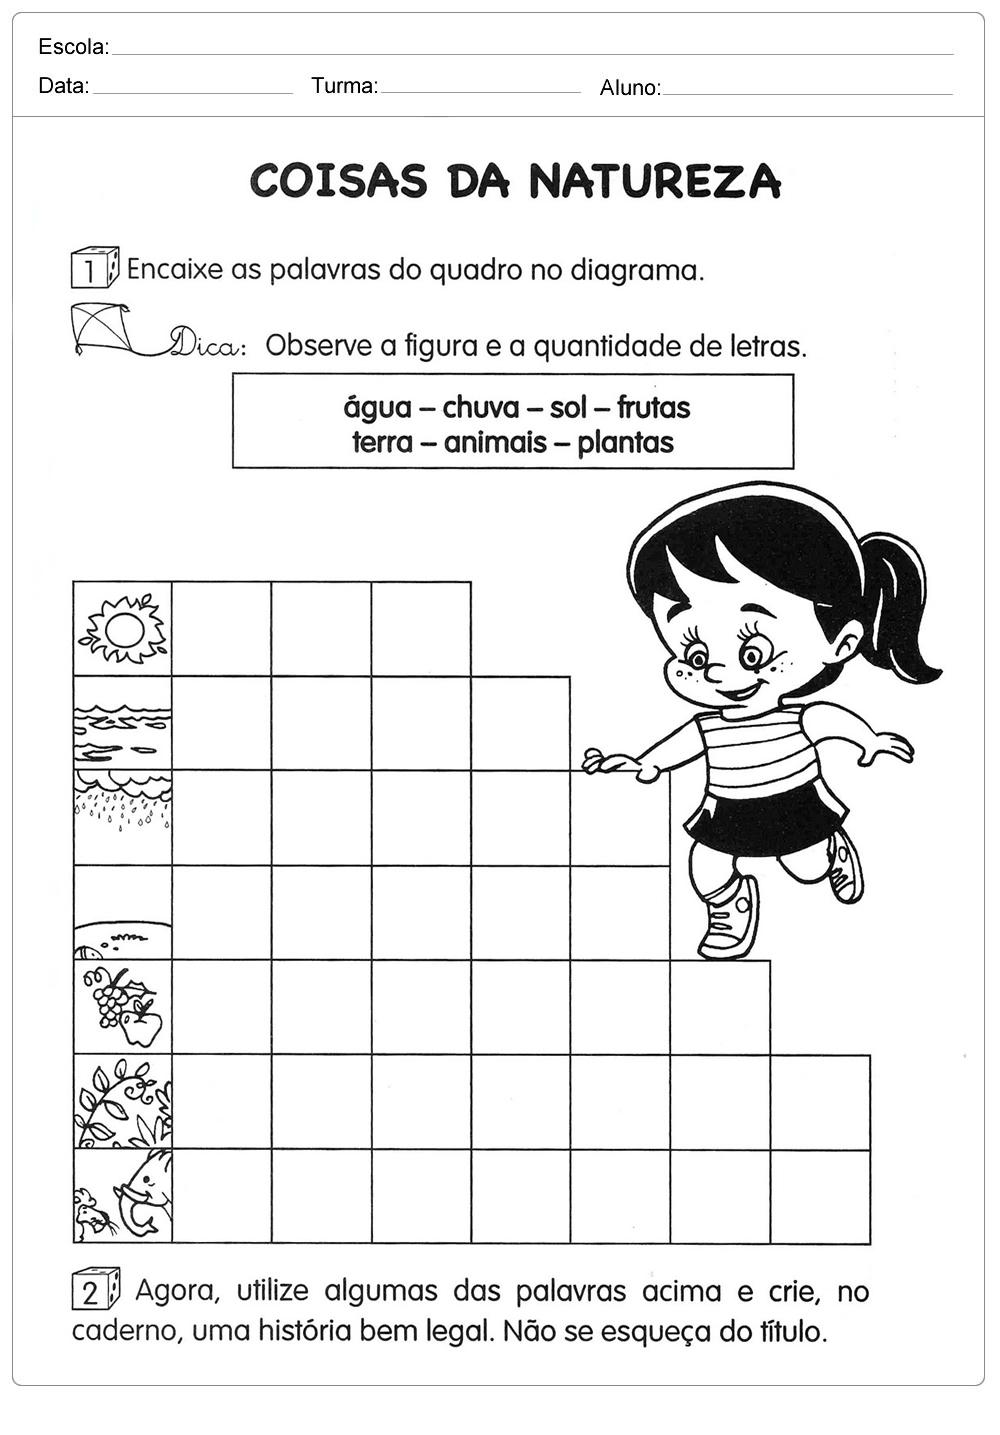 Atividades sobre meio ambiente para educação infantil – Coisas da natureza